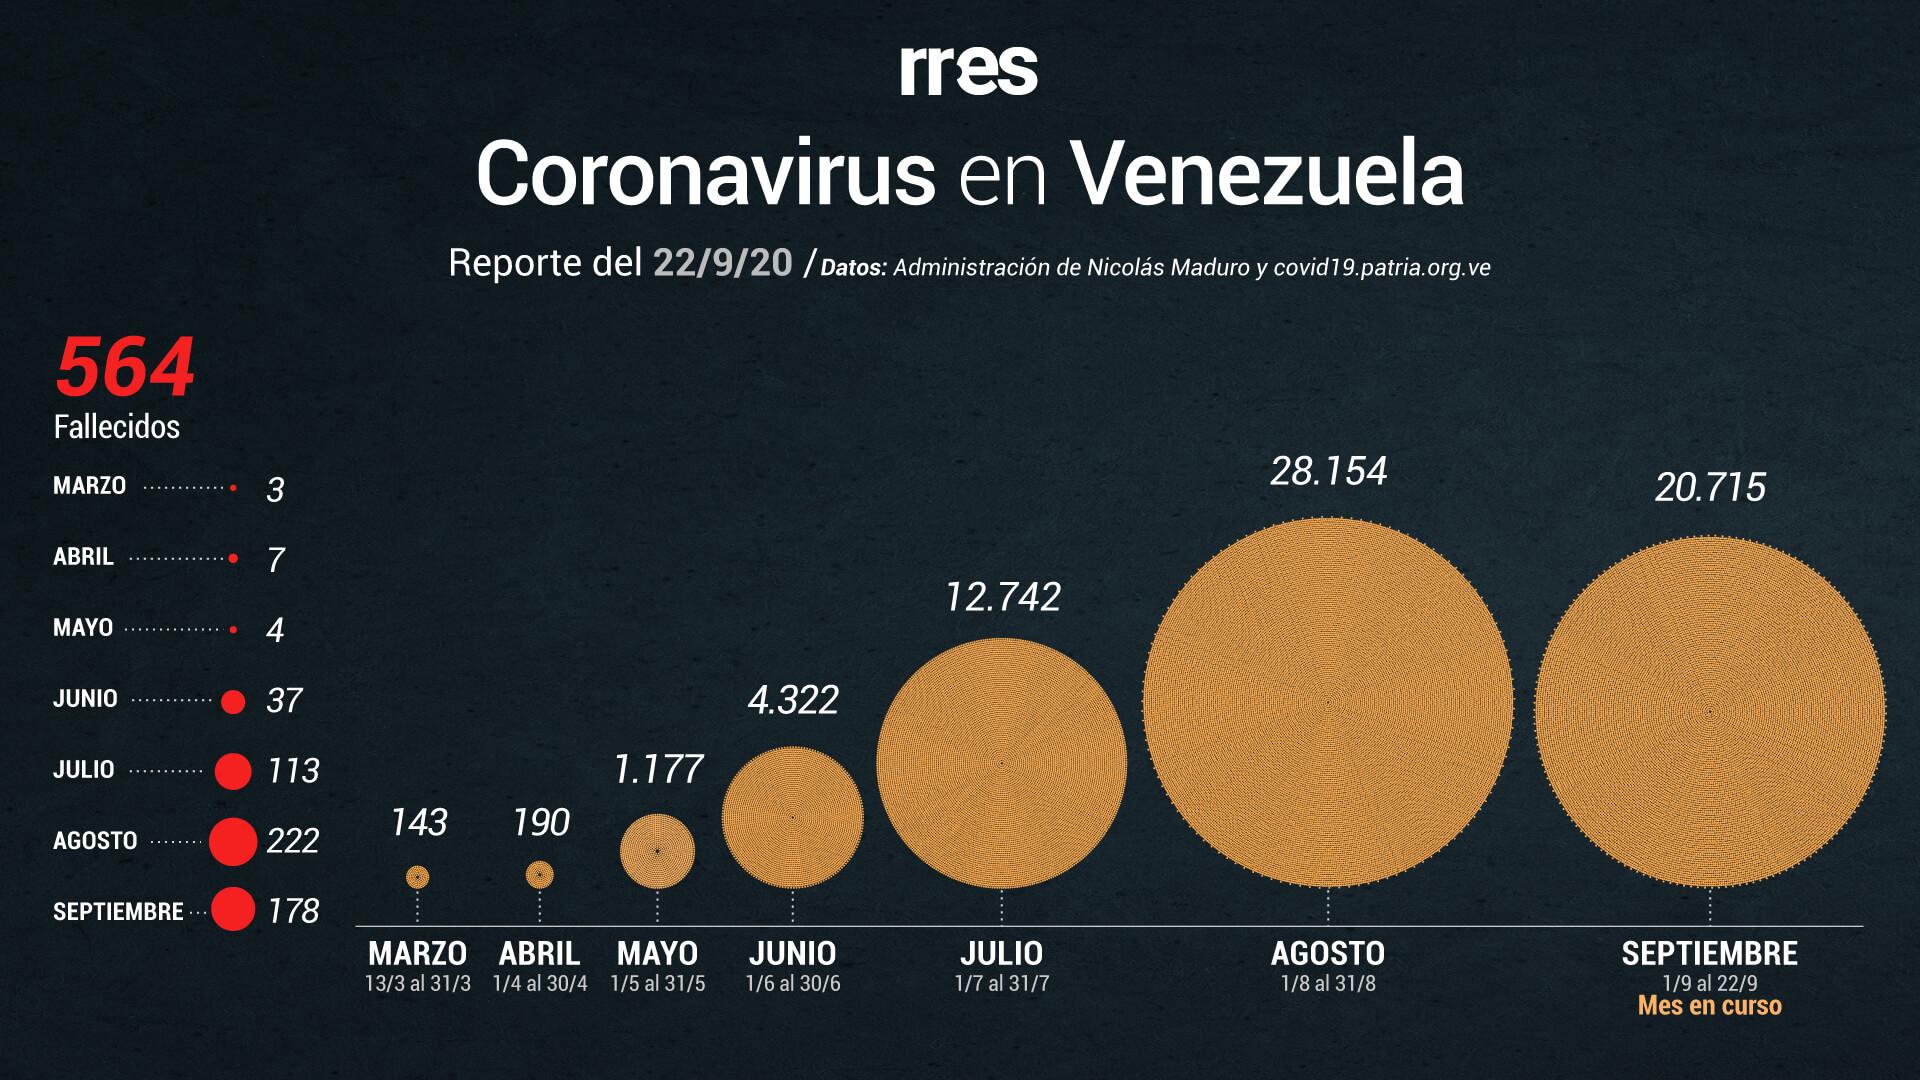 Venezuela vuelve a superar los 1.000 casos de COVID-19 y reporta otras 9 muertes este #22Sep